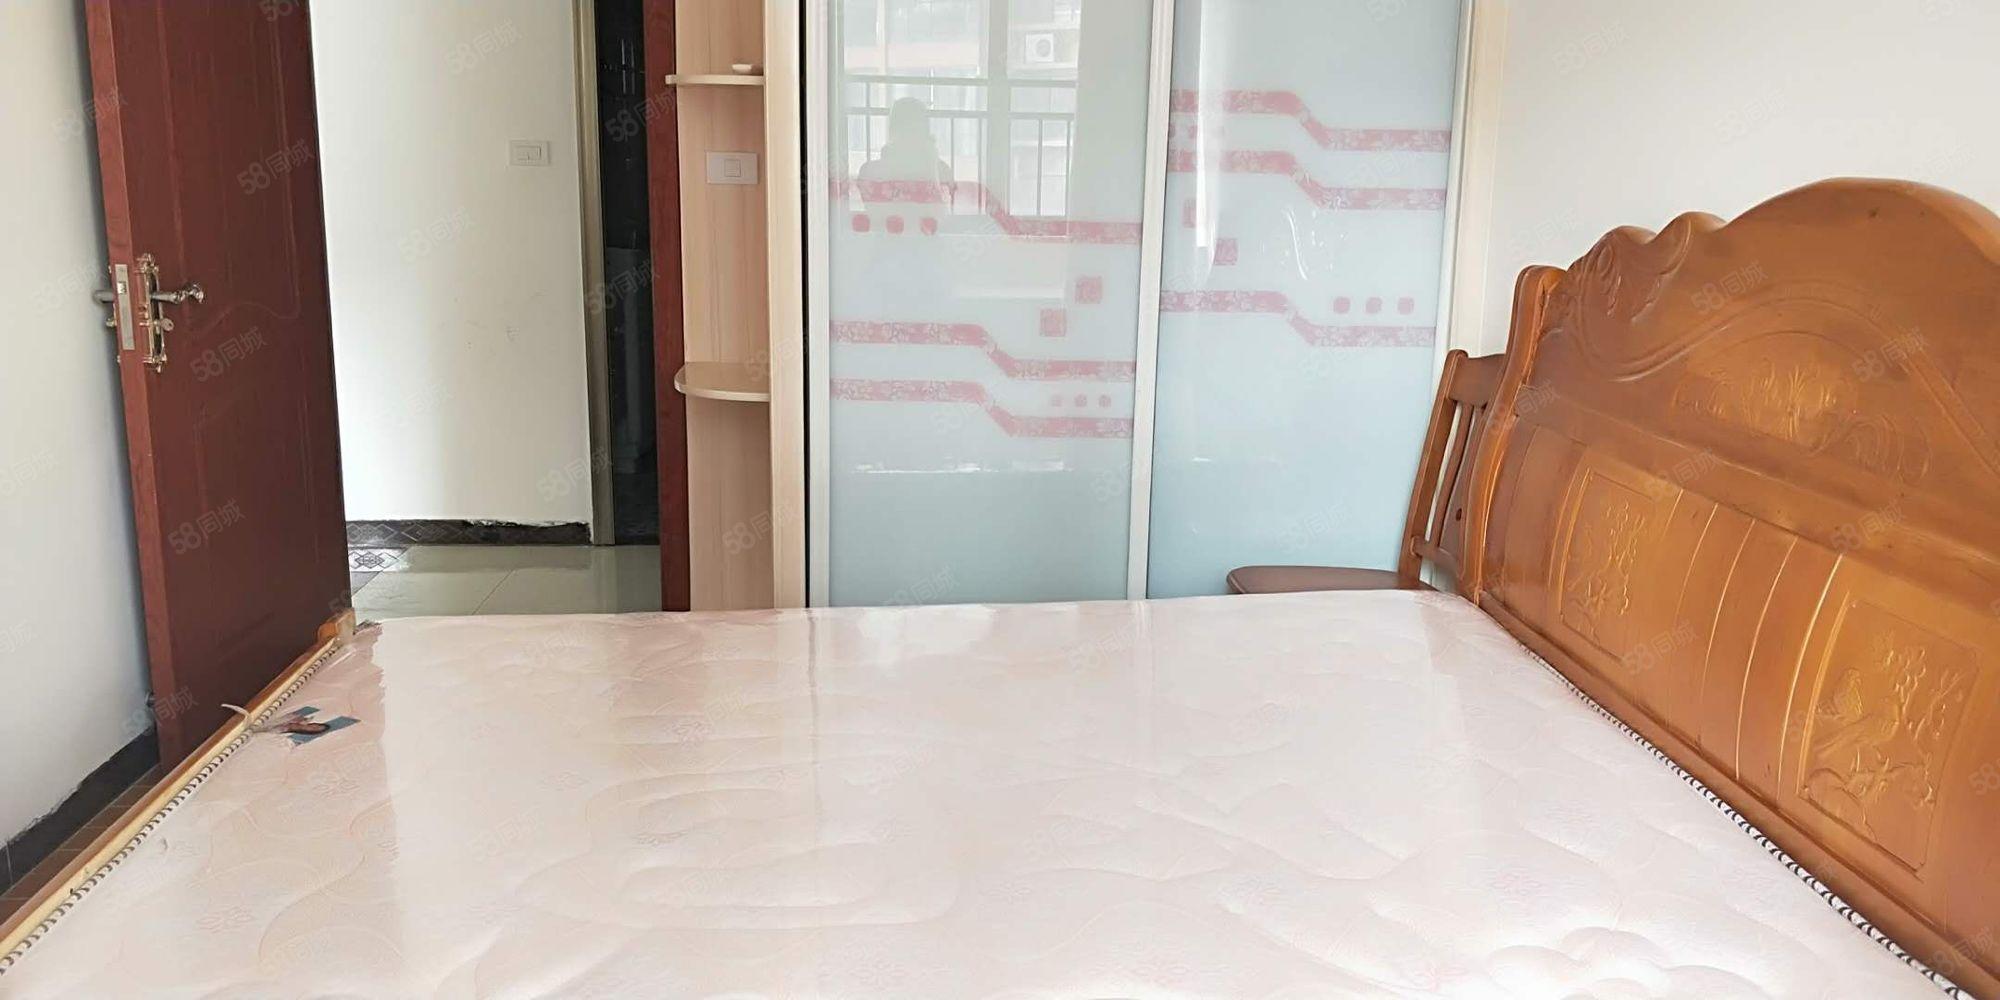 1.4万容邦旁江南尚城精装两居室,首次出租拎包入住